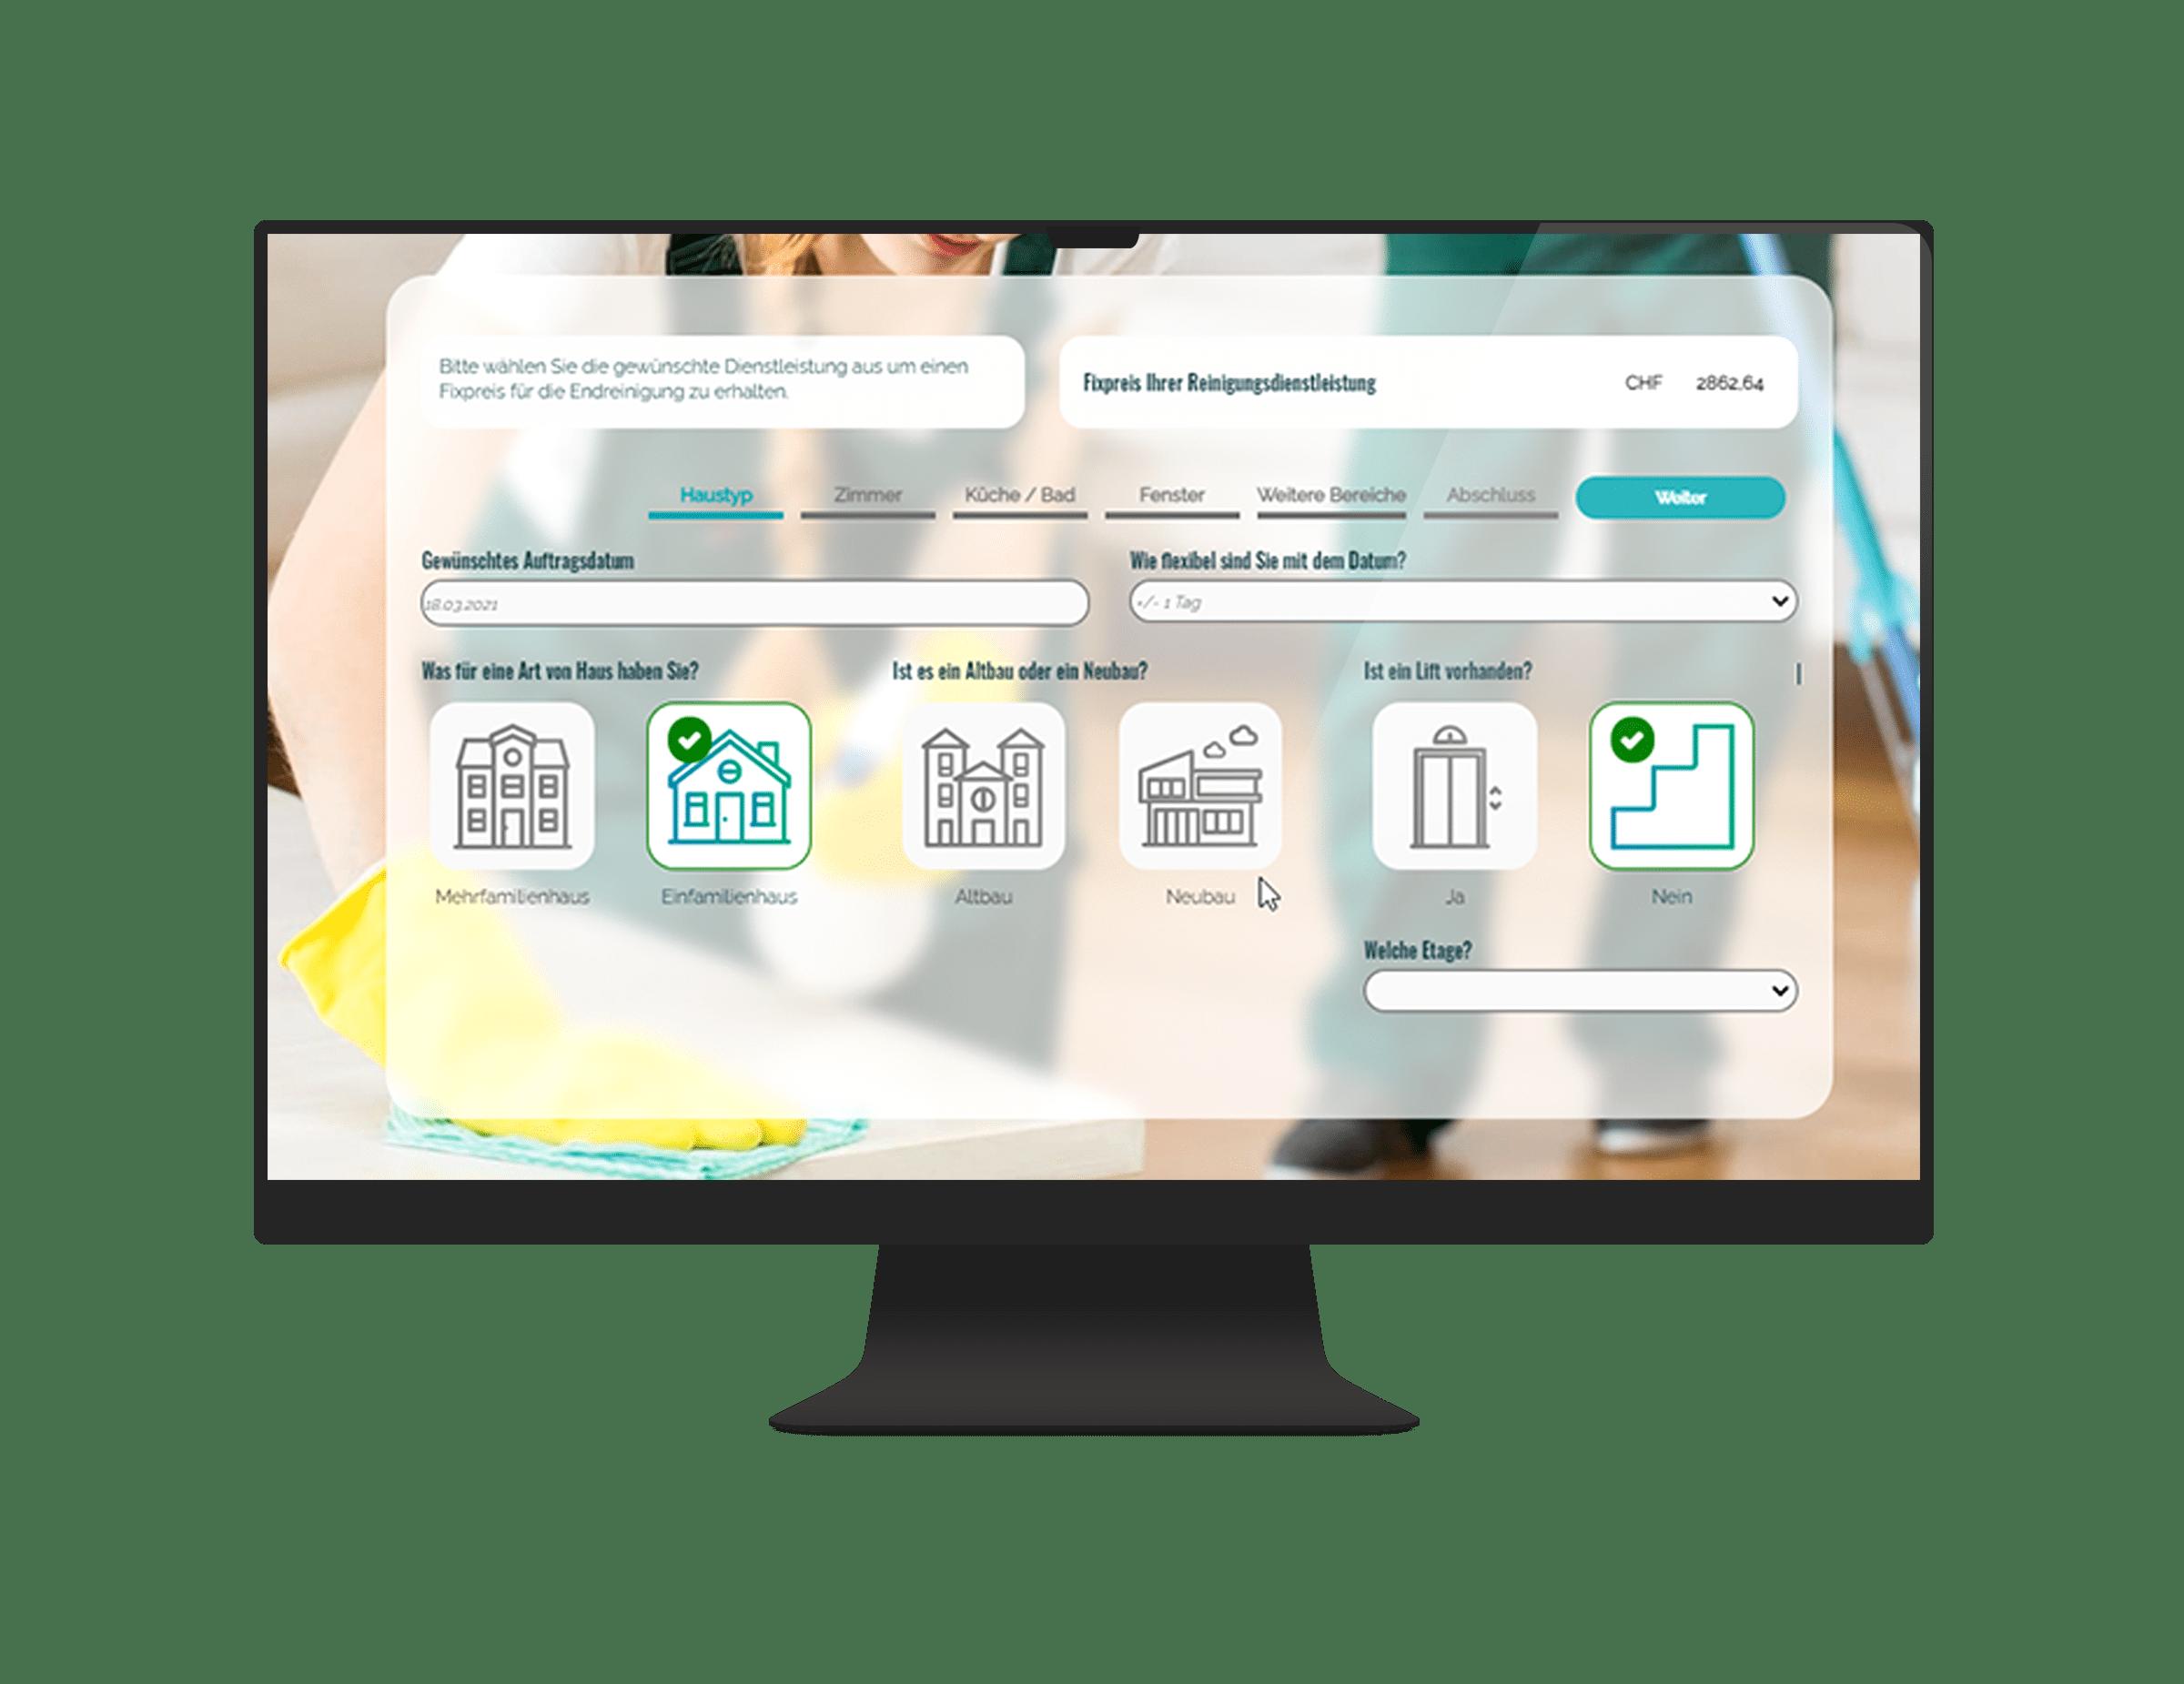 Reinigungsdienstleistung - Online-Rechner - Integration